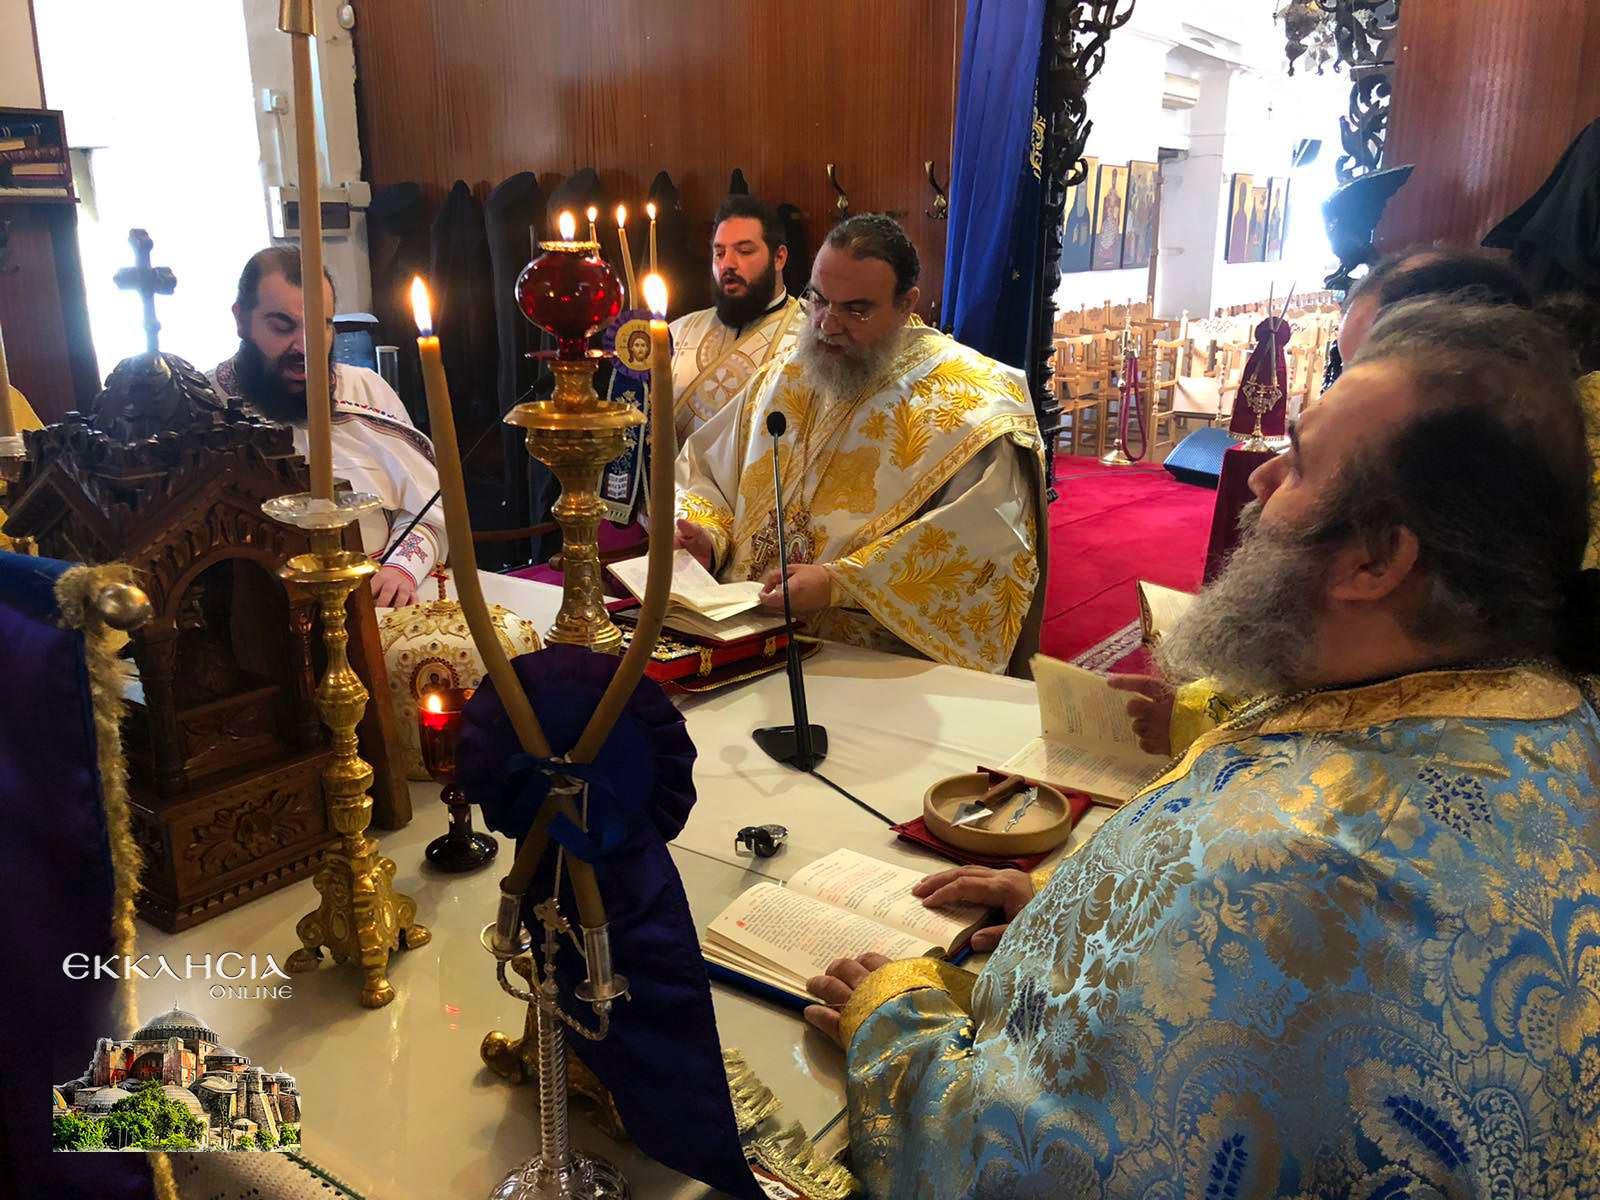 2ο ετήσιο Μνημόσυνο Μητροπολίτου Σιατίστης Παύλου